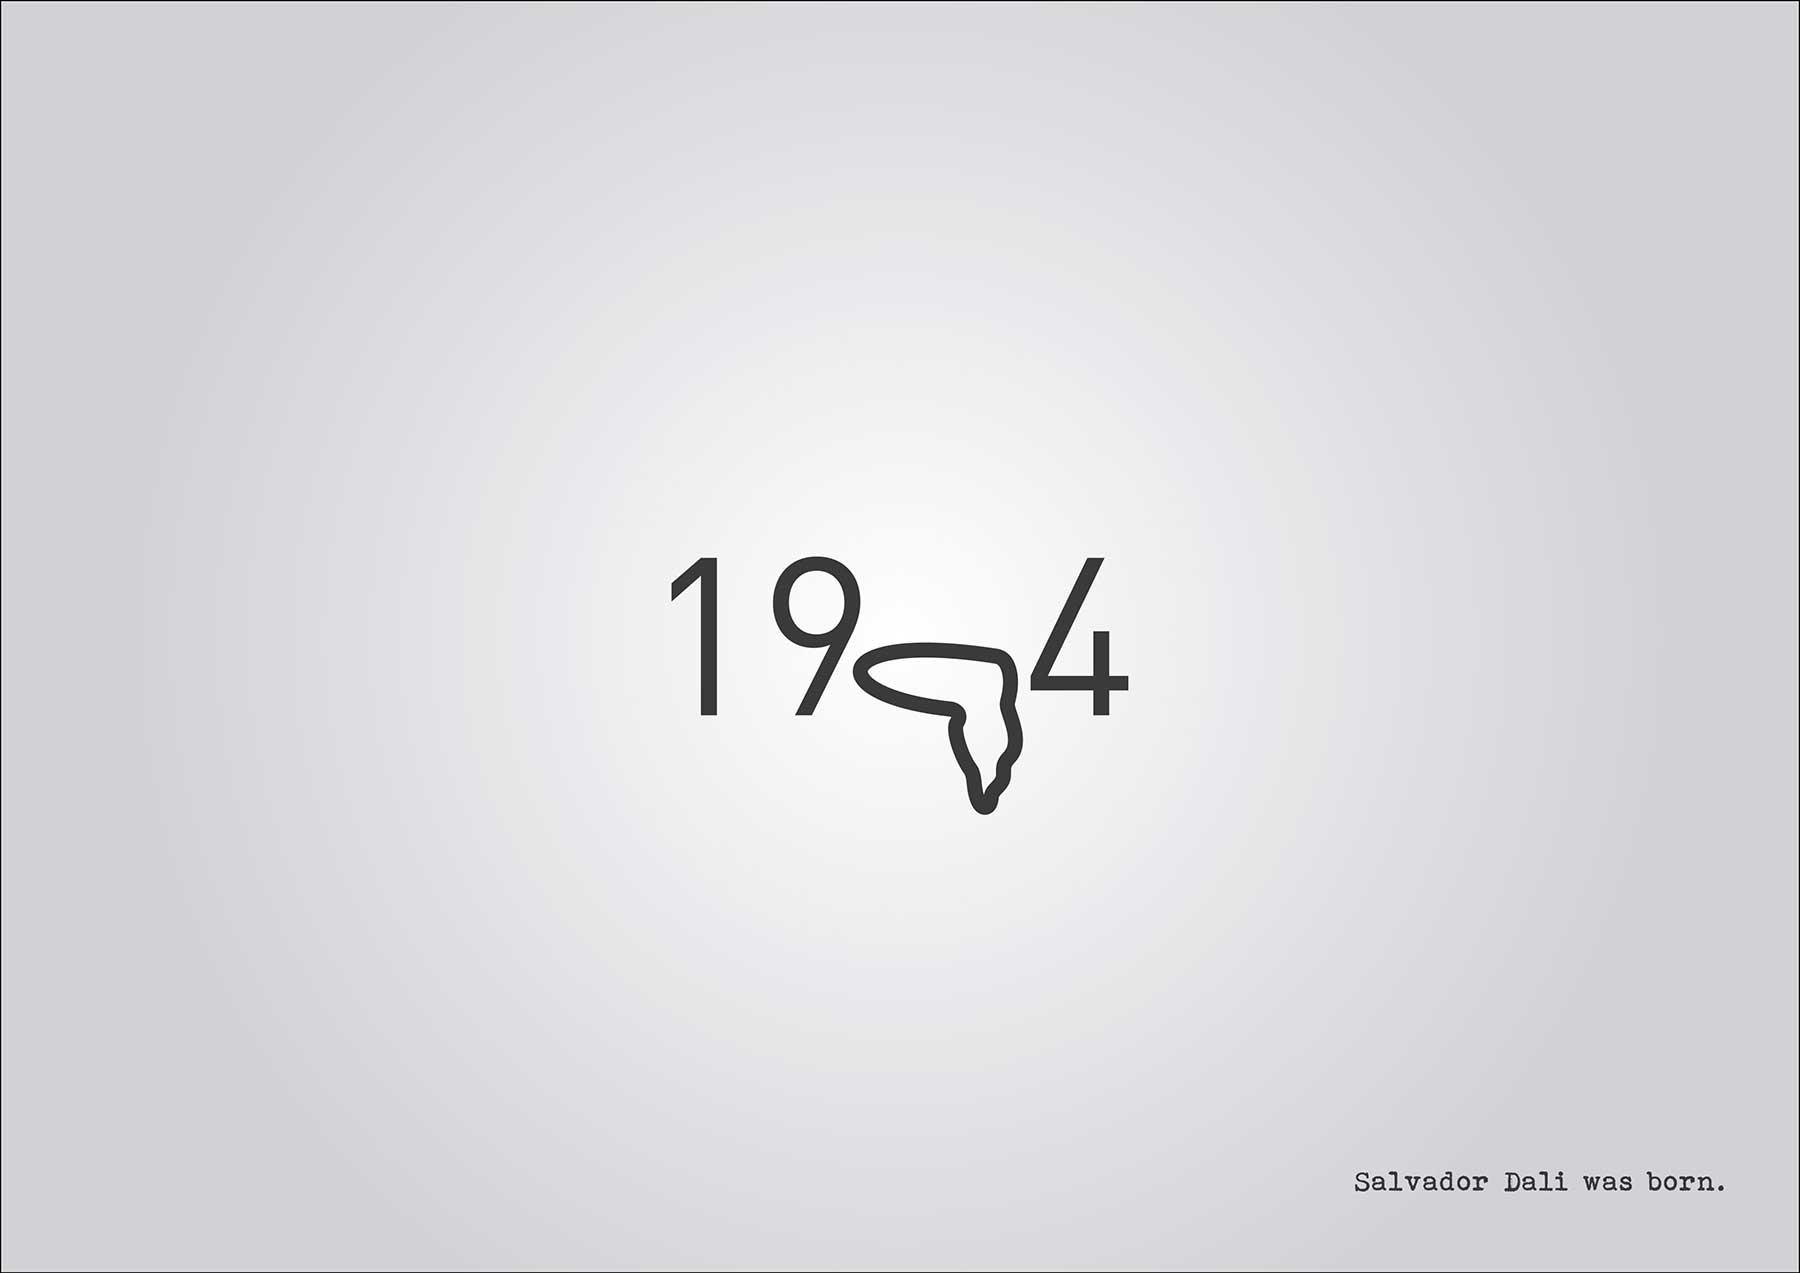 Jahreszahlen anhand ihrer Geschehnisse gestaltet Digital-Chronicles-jahreszahlen_02